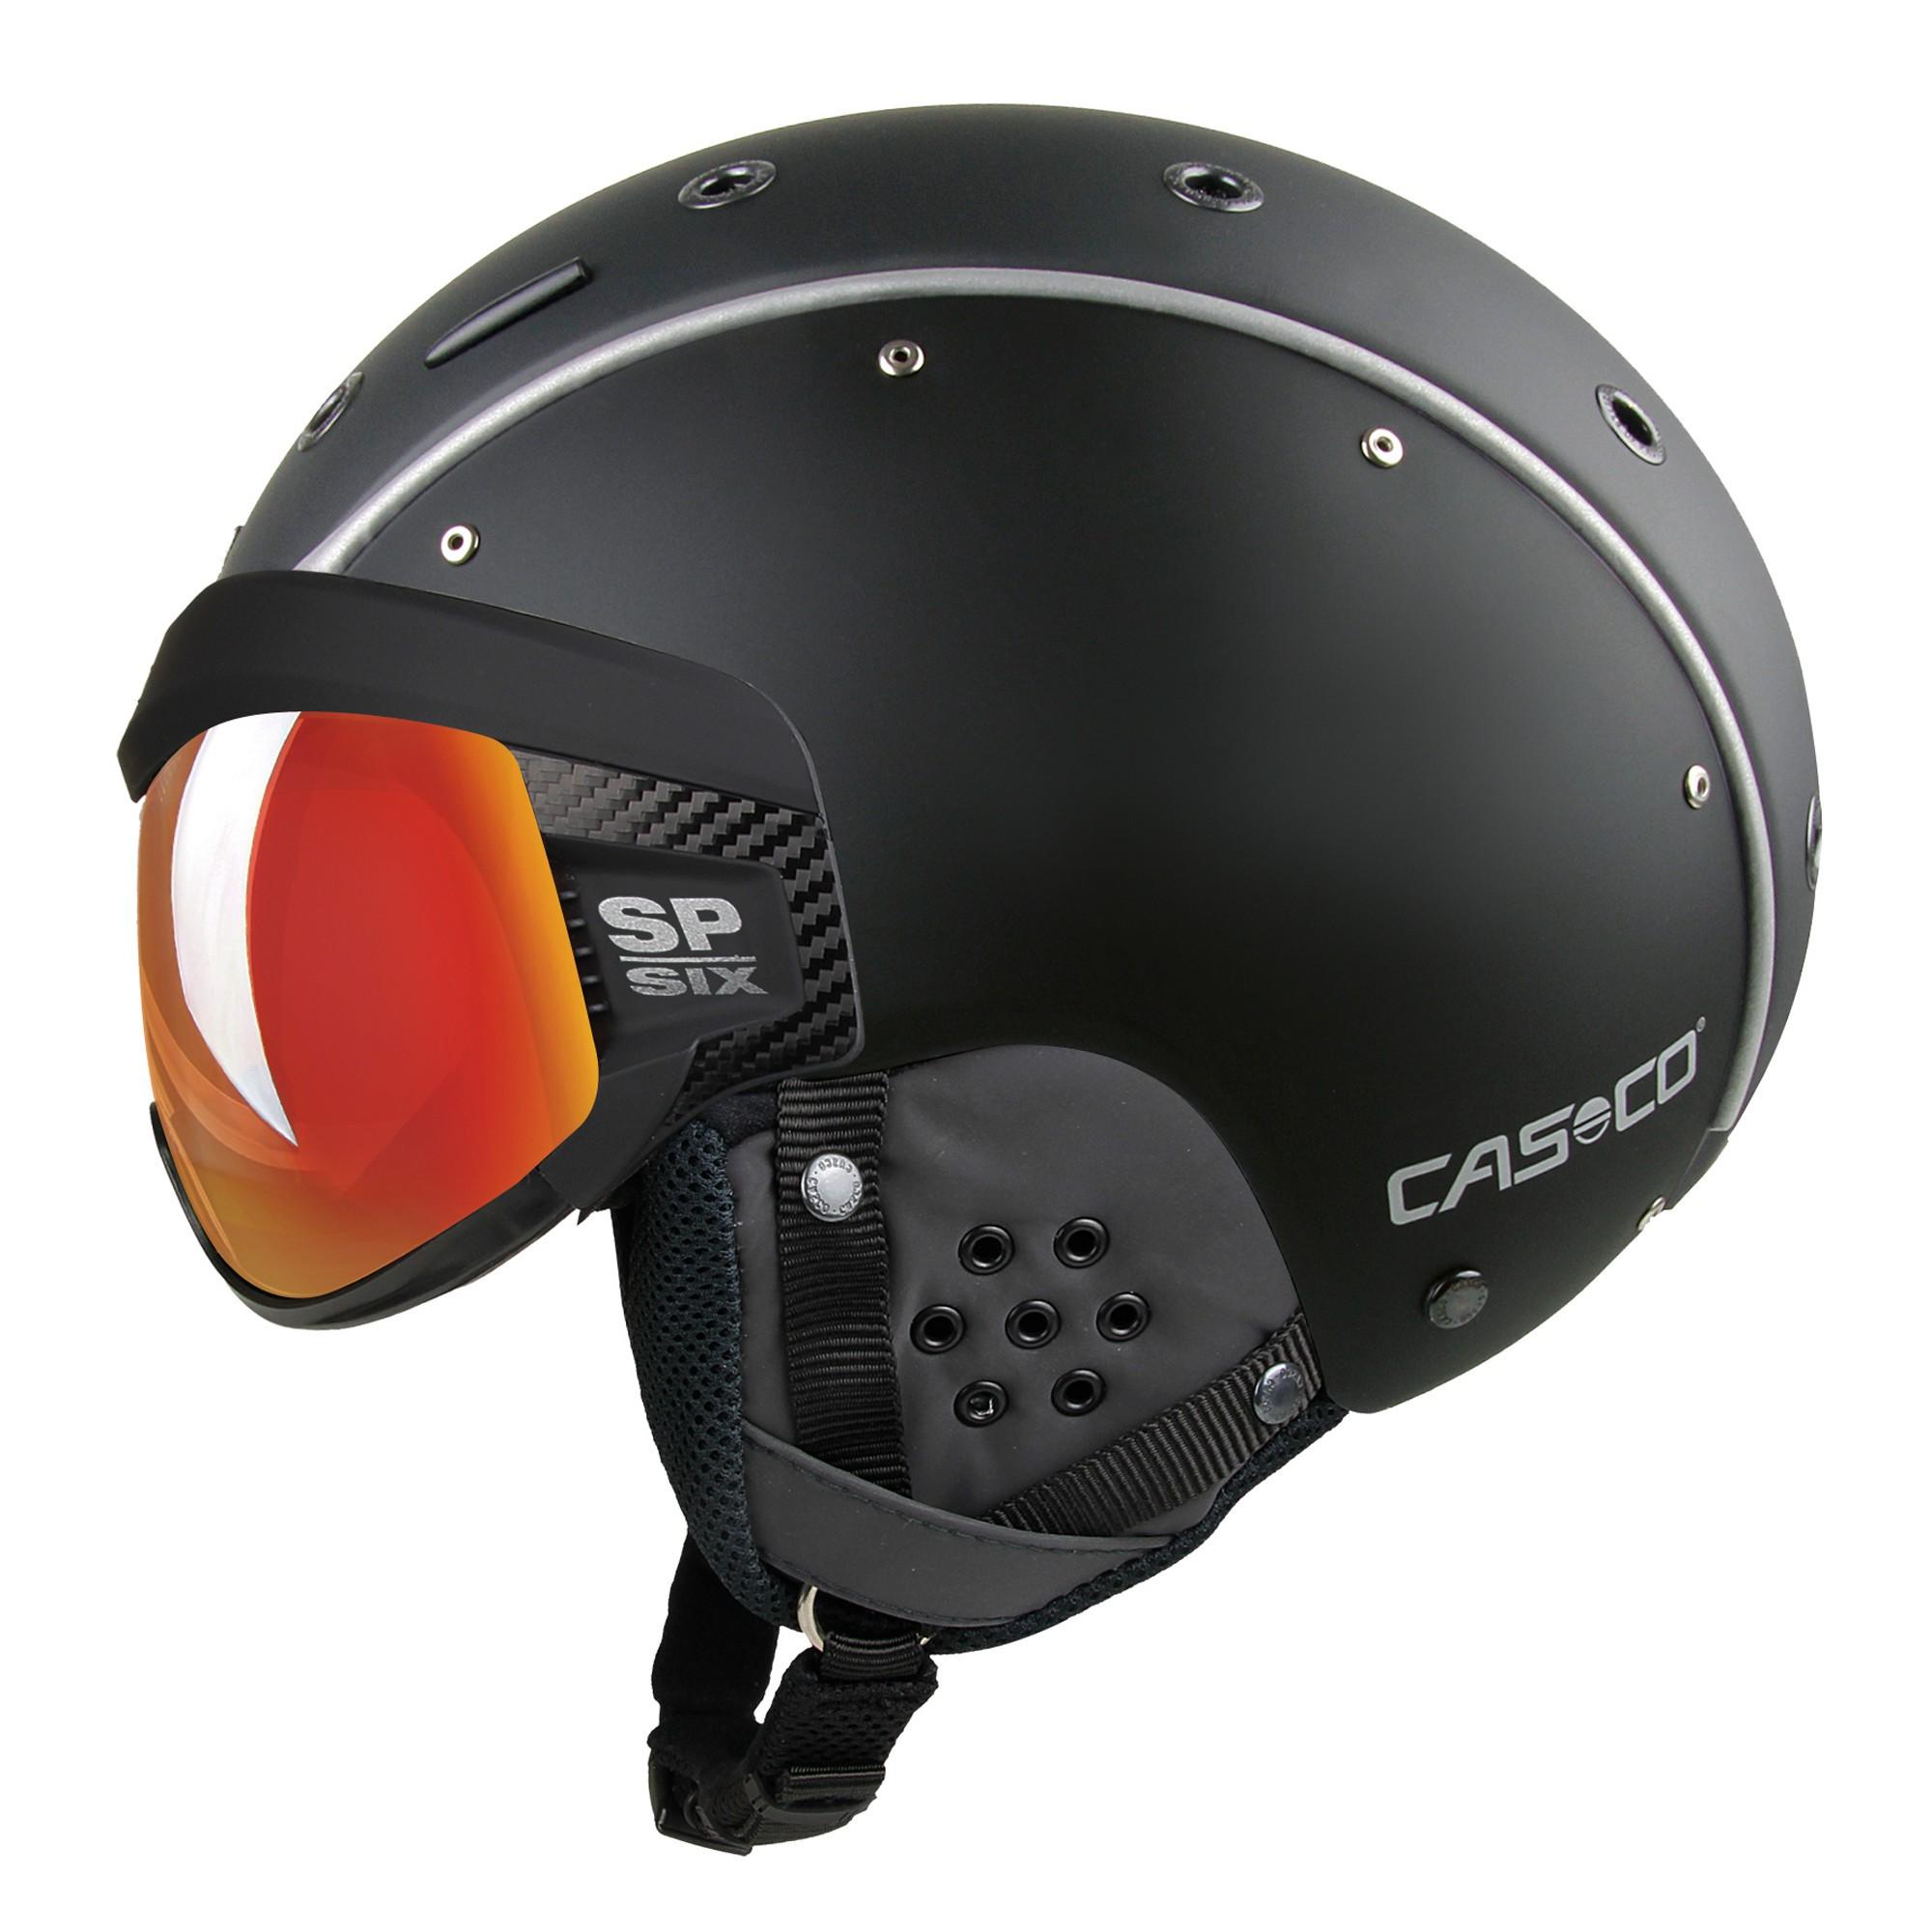 Afbeelding van Casco SP 6 Visier Vautron Multilayer Helm Black 52 54 Cm